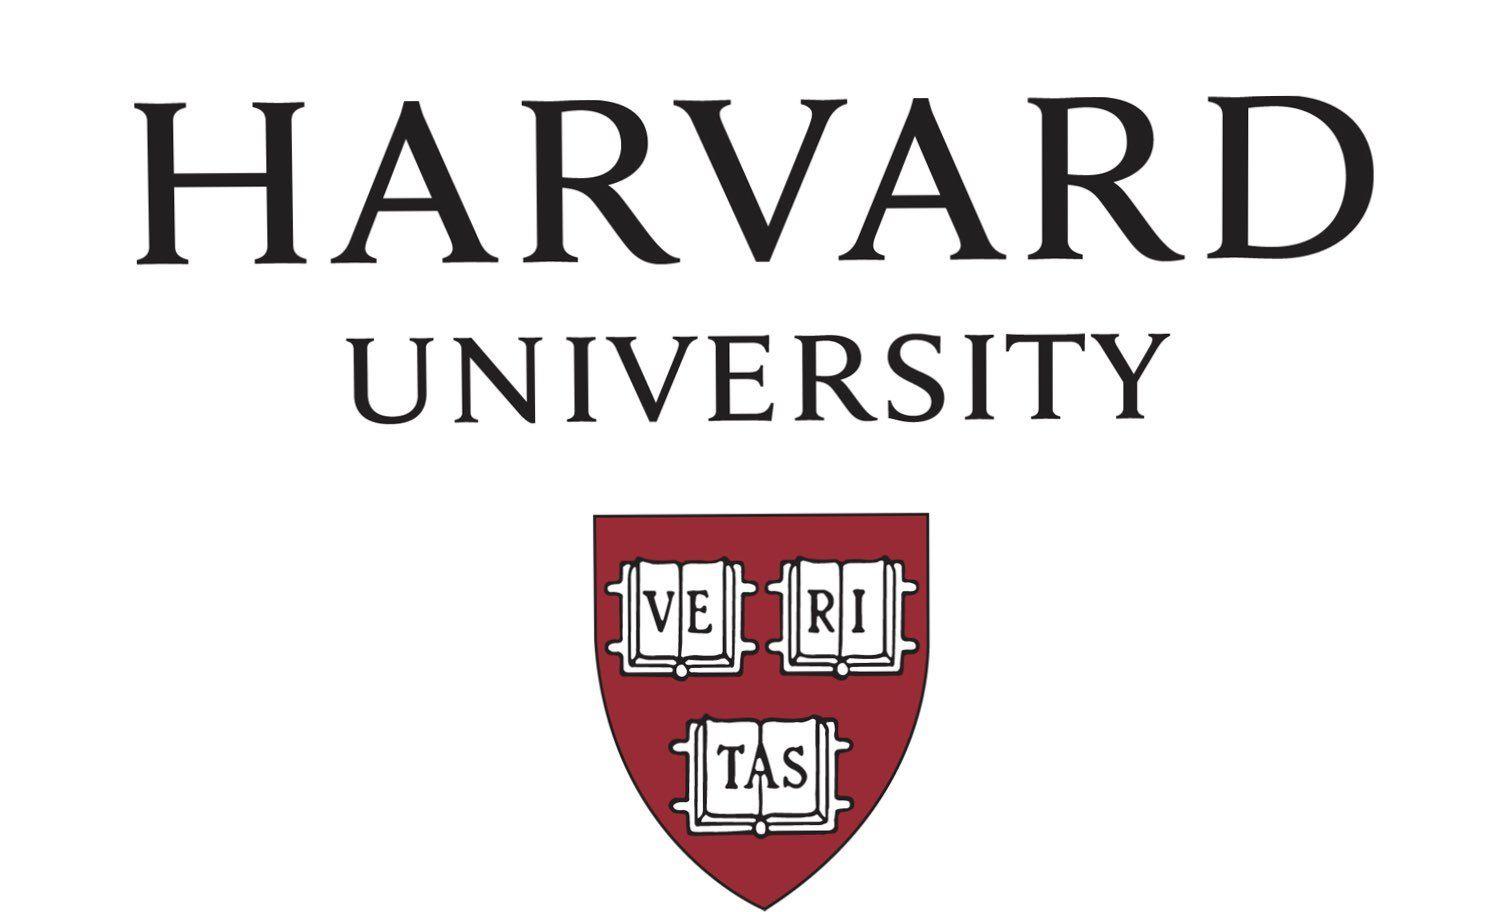 د سعود السلوم On Twitter Harvard University Harvard Medical School Harvard Law School